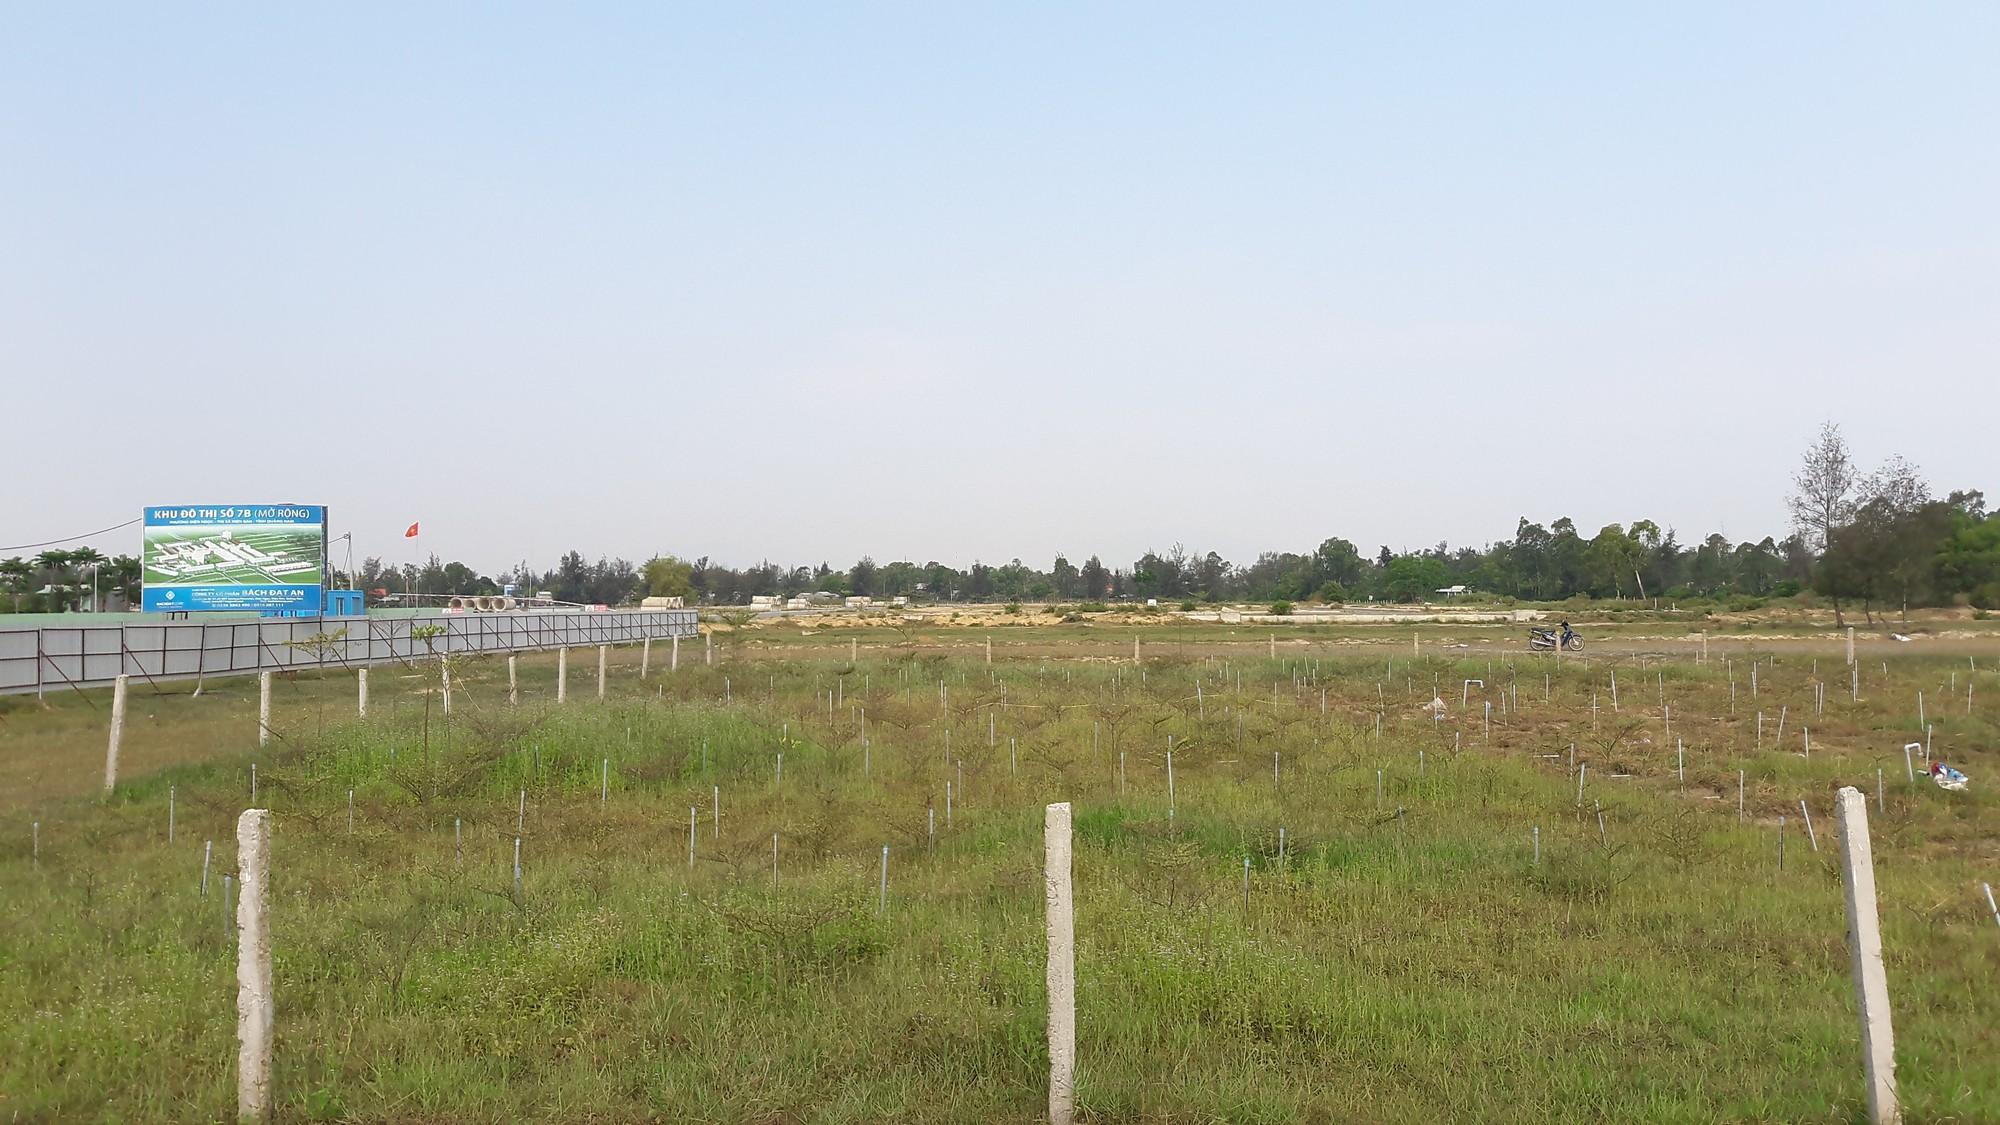 Cận cảnh khu đất của công ty Bách Đạt An ở Quảng Nam mà người dân rót tiền tỉ mua, lòng như lửa đốt đòi sổ đỏ - Ảnh 8.